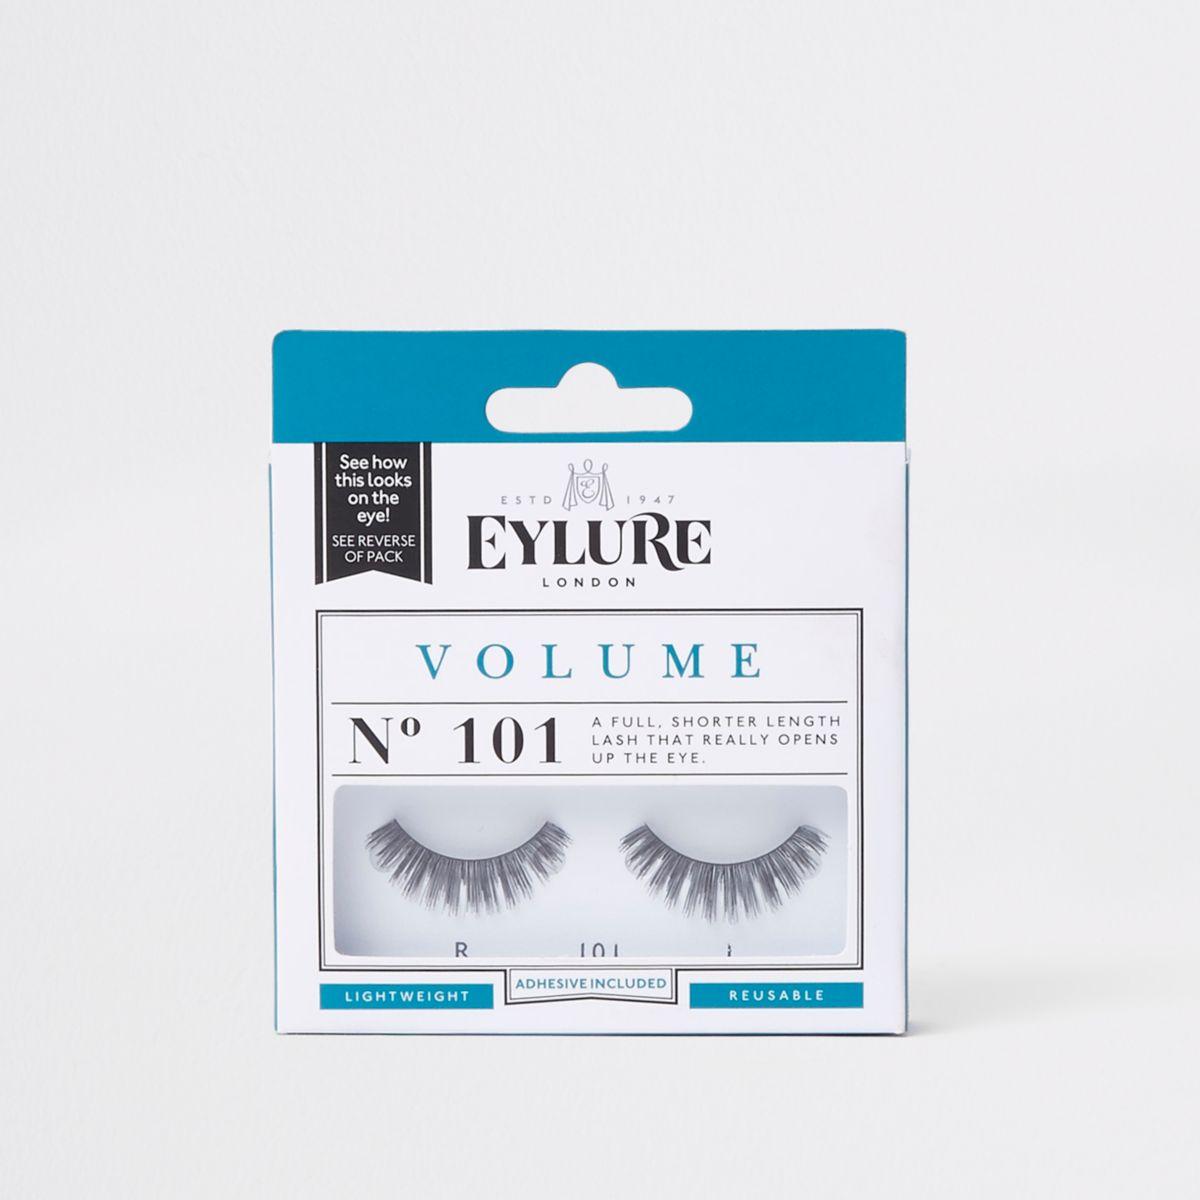 Eylure volume 101 fasle eyelashes